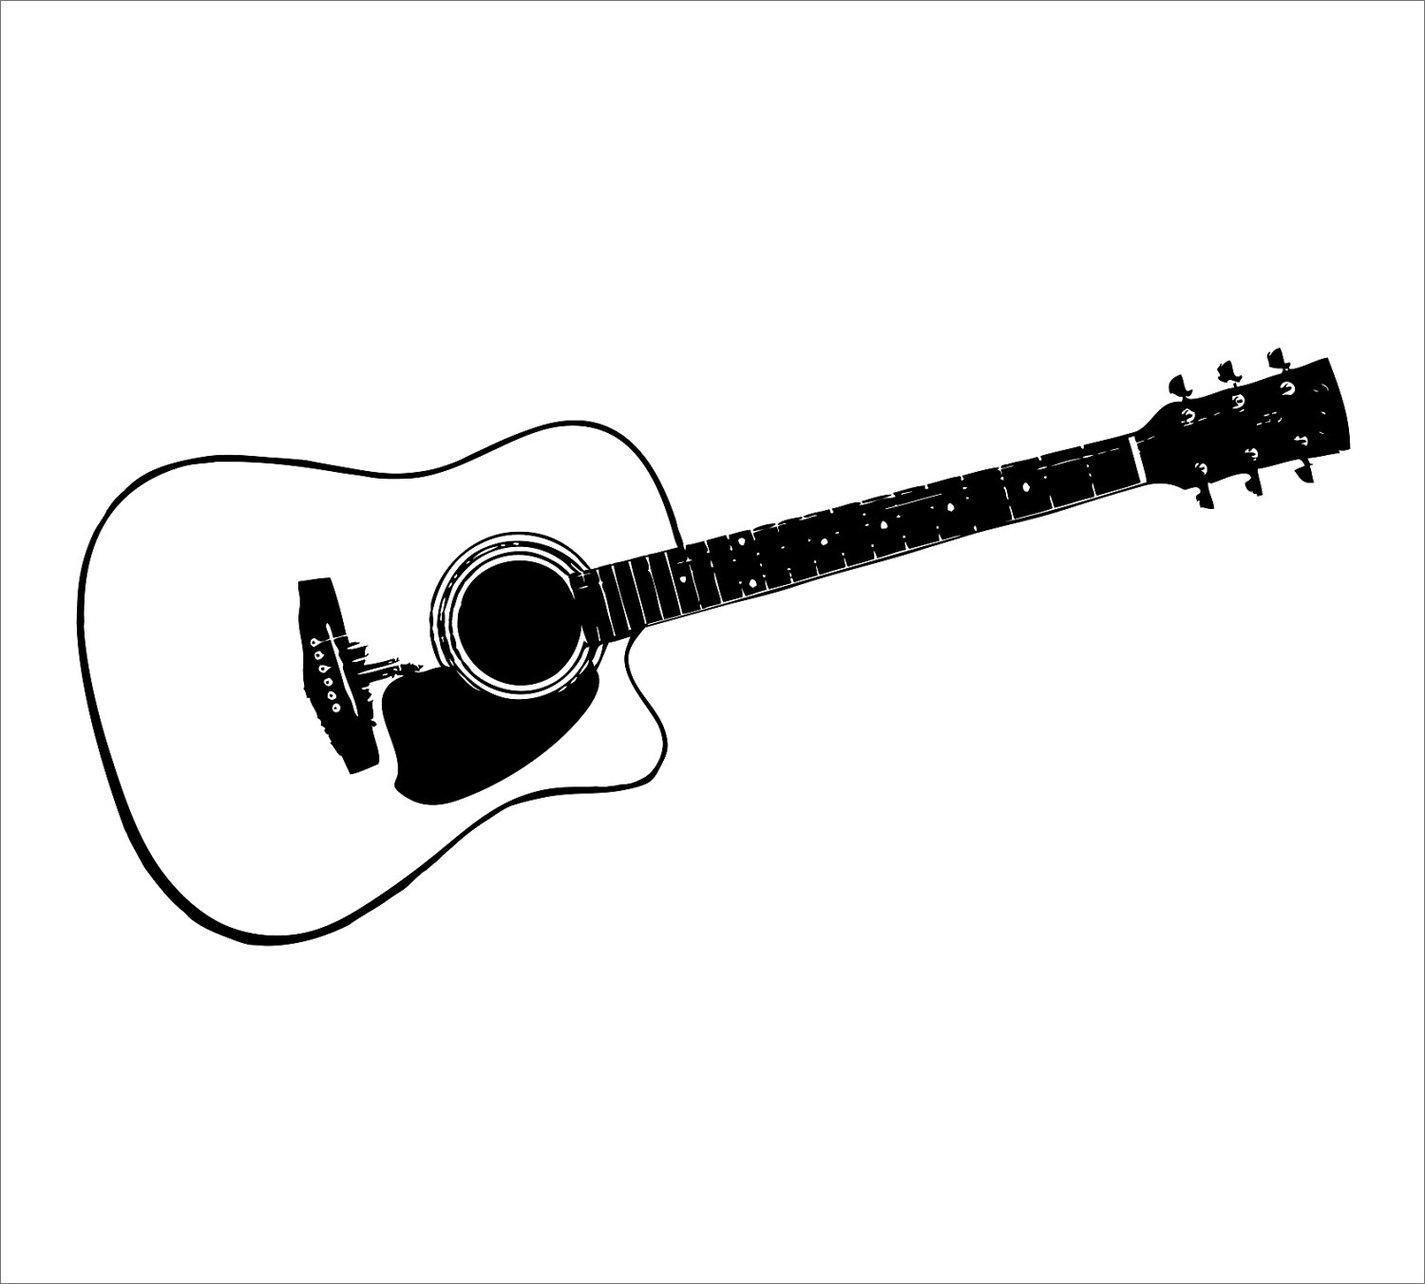 Guitar clipart #7, Download drawings